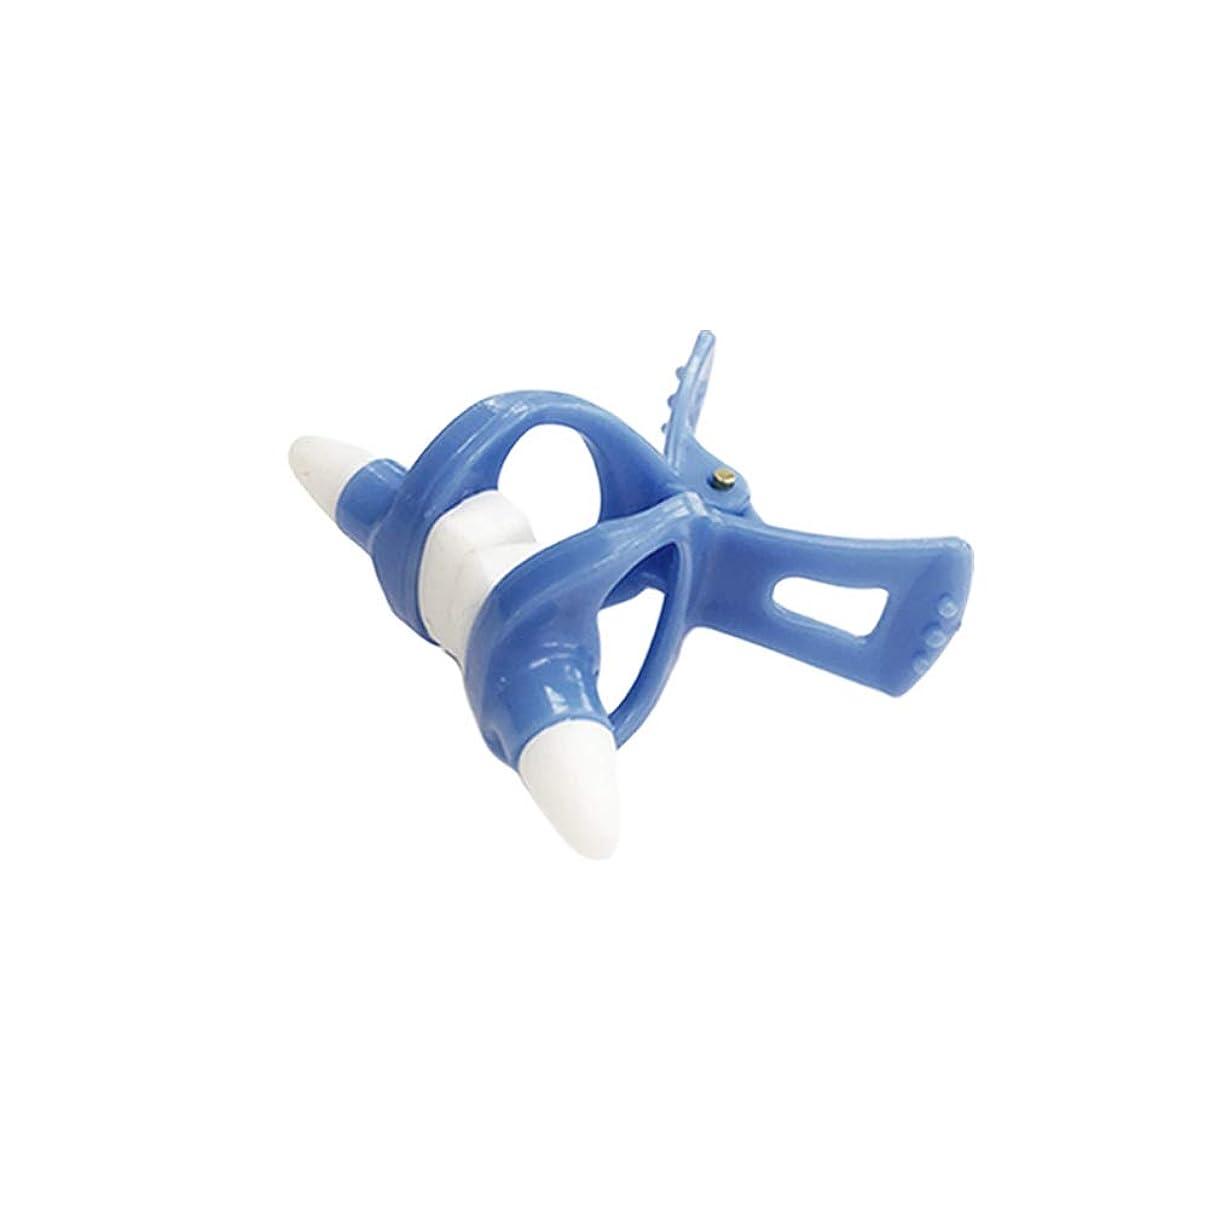 キャラバン金銭的な印刷する[jolifavori]鼻を高くするための矯正クリップ 鼻高々ノーズアップ 美容グッズ